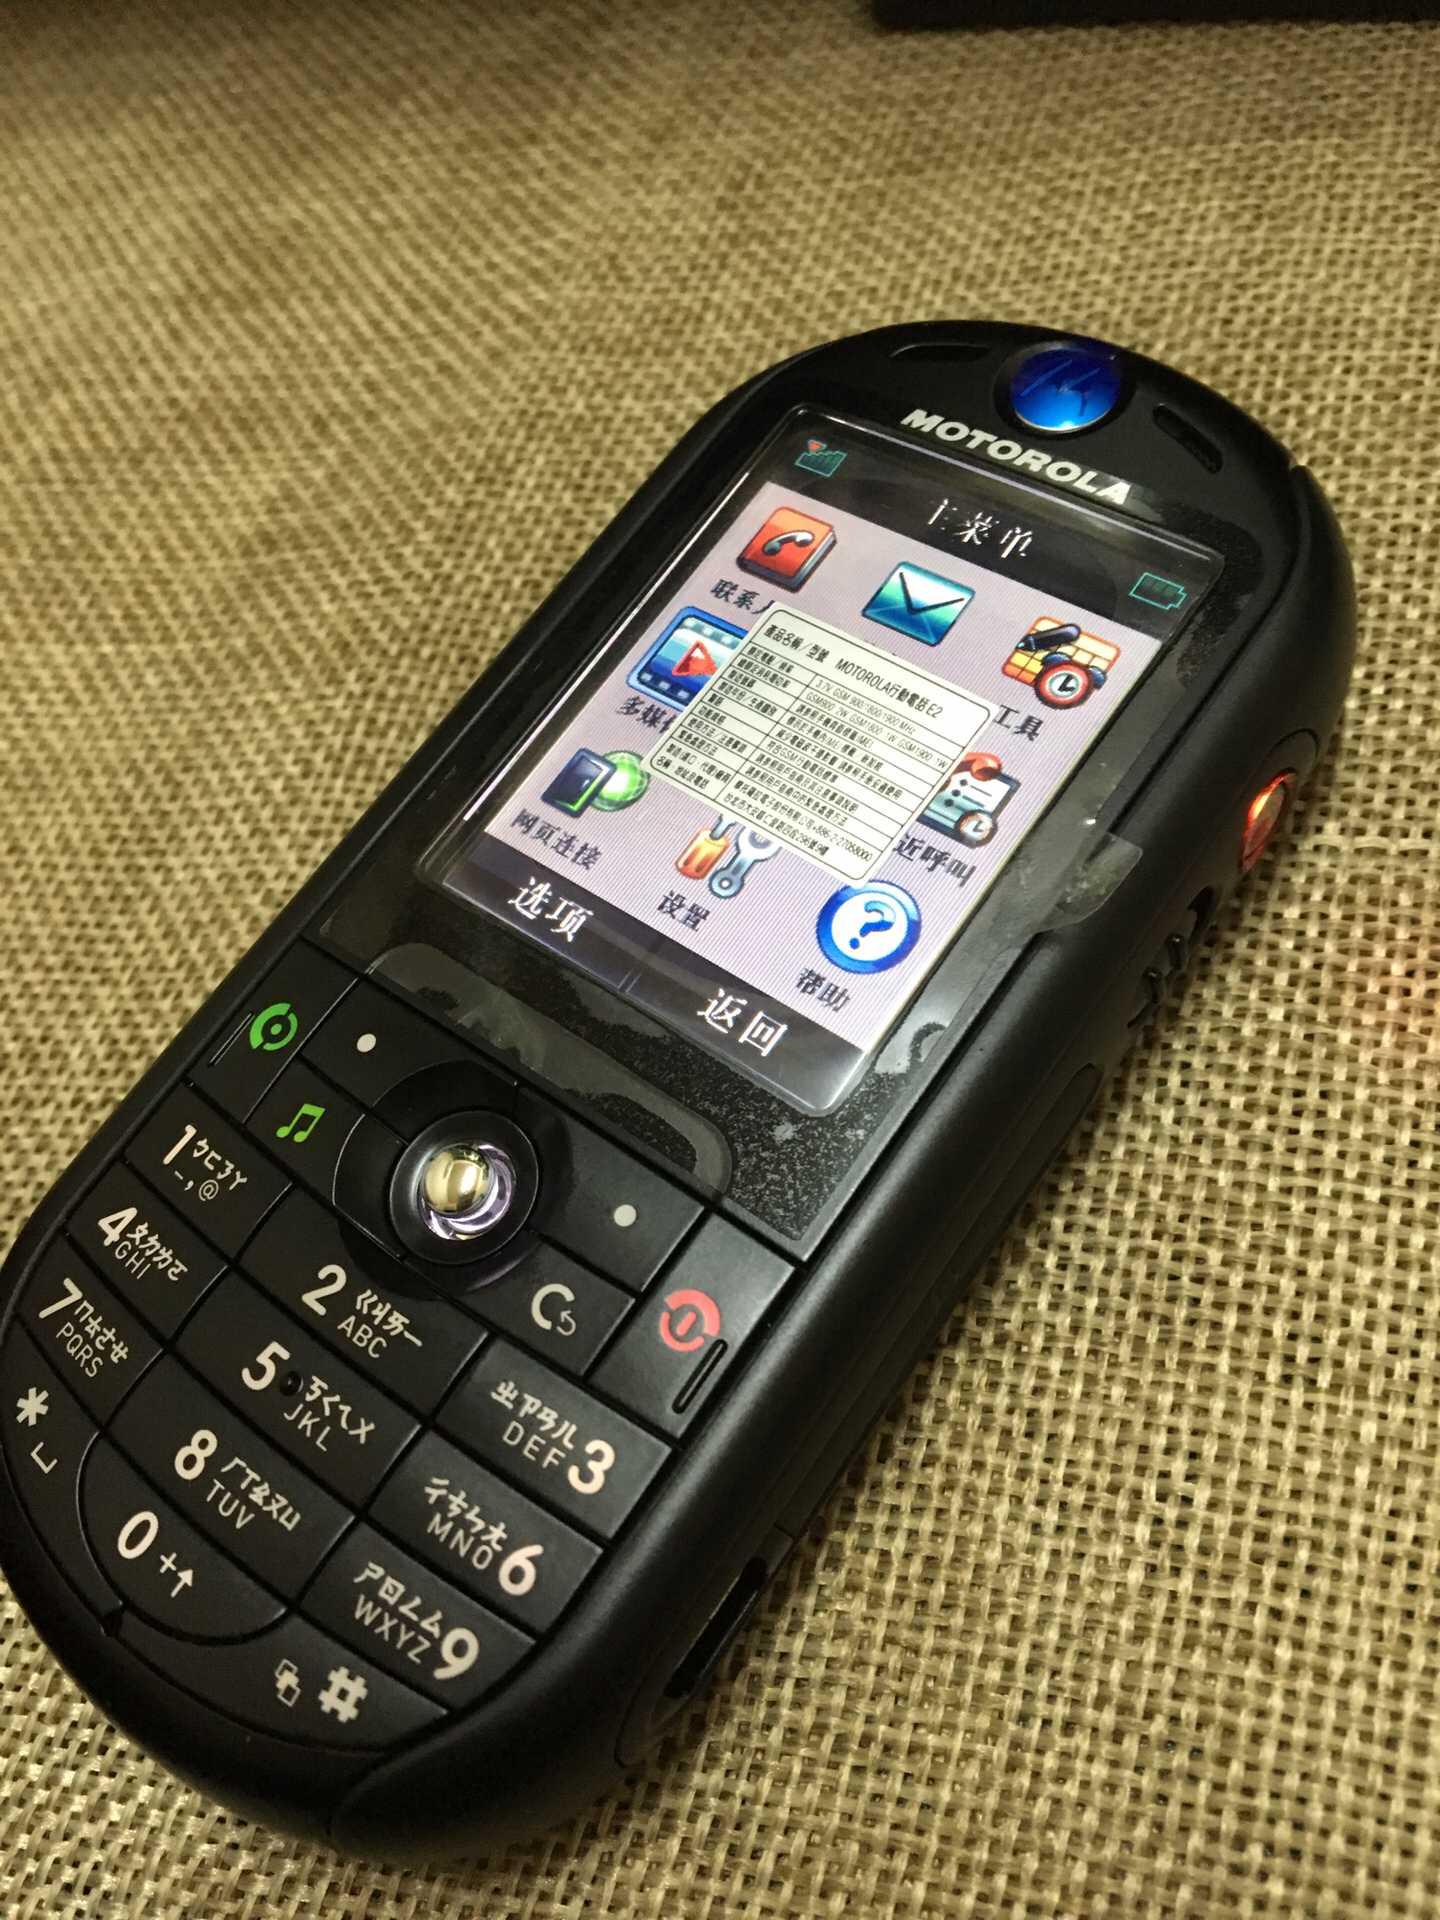 168元着手全新升级升級摩托罗拉手机手机上E2,回忆涌上心头!真正的音乐霸主